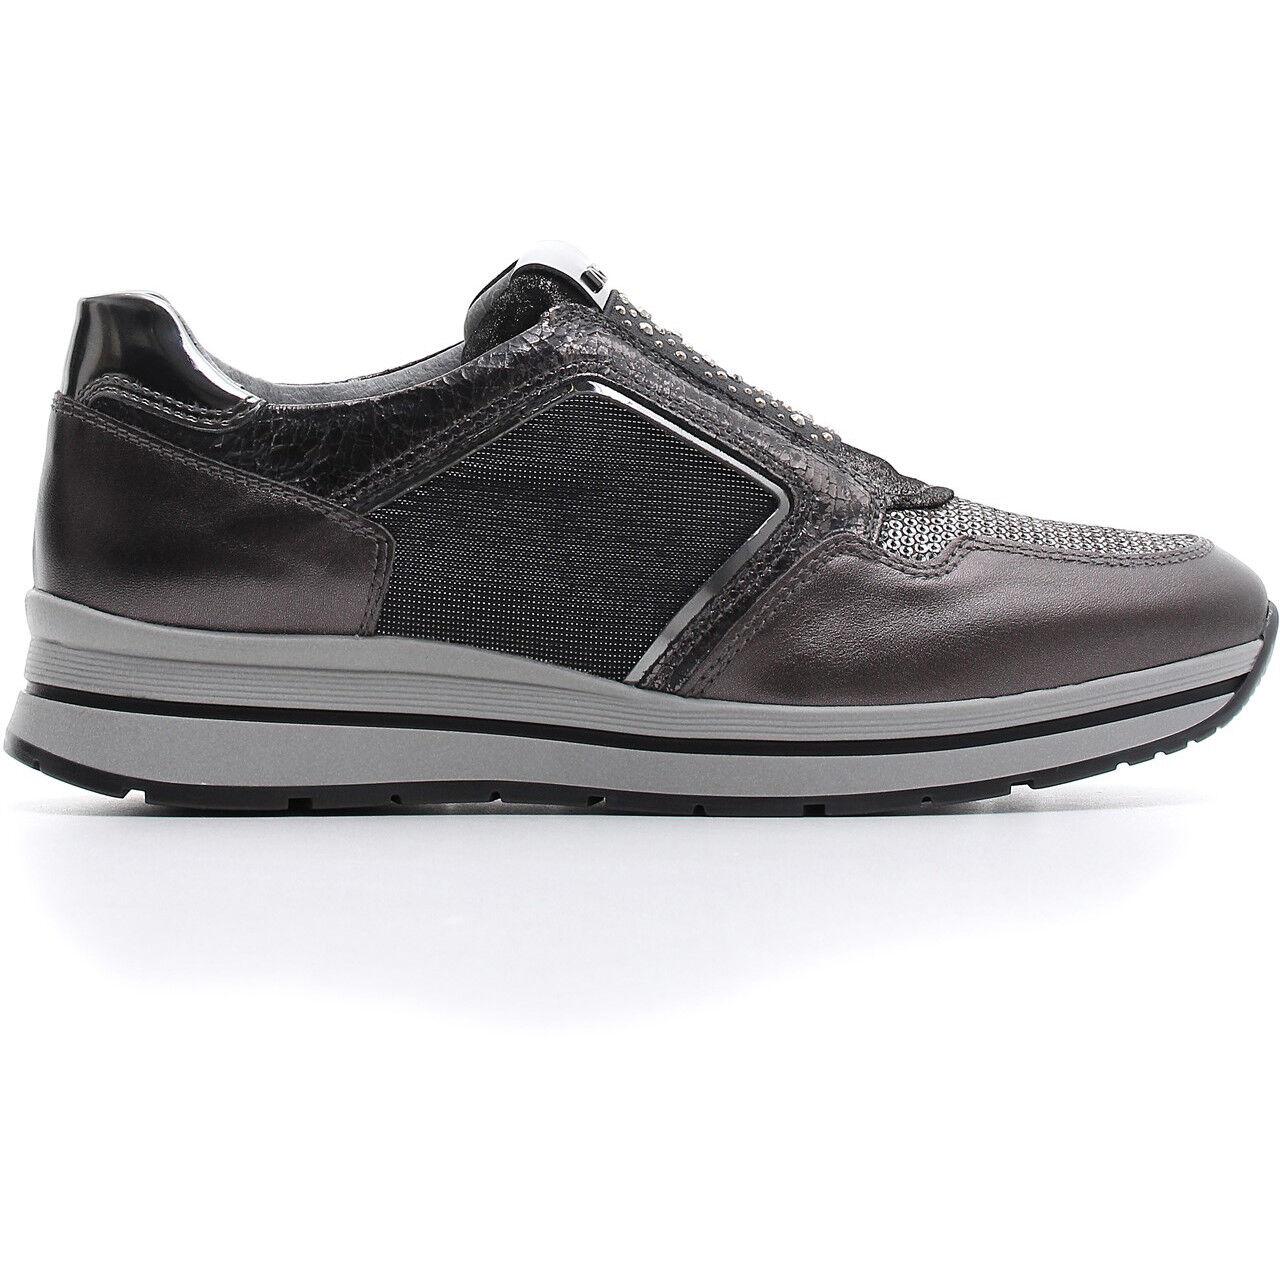 shoes SPORTIVE SNEAKERS AUTUNNO-INVERNO blackGIARDINI NUOVA COLLEZIONE A806413D